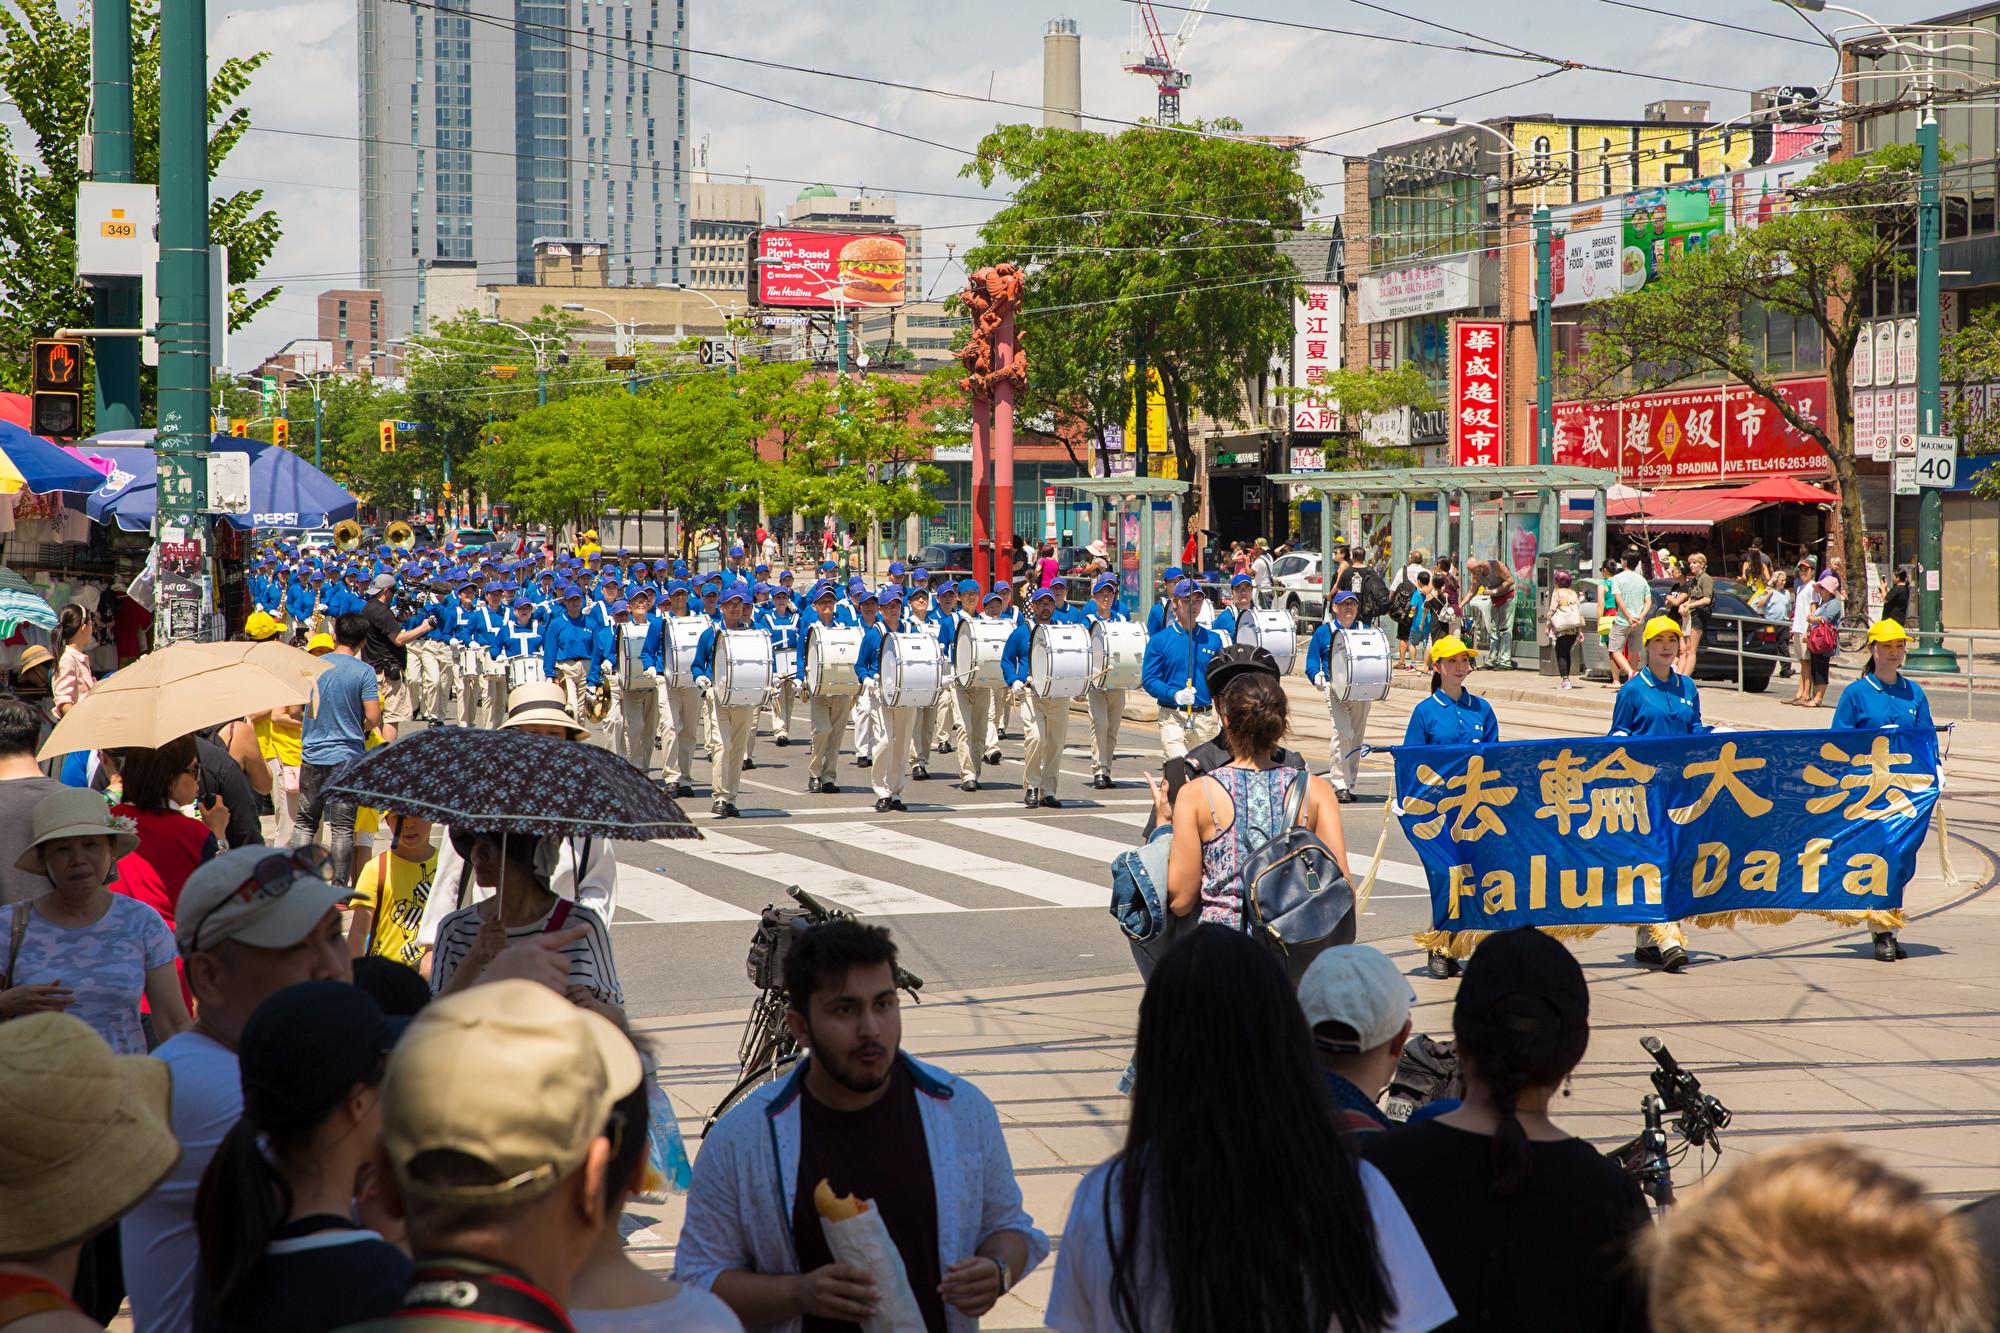 7月20日,加東地區法輪功學員舉行盛大遊行,紀念反迫害20周年,圖為走在遊行隊伍前面的是天國樂團方陣。(艾文/大紀元)